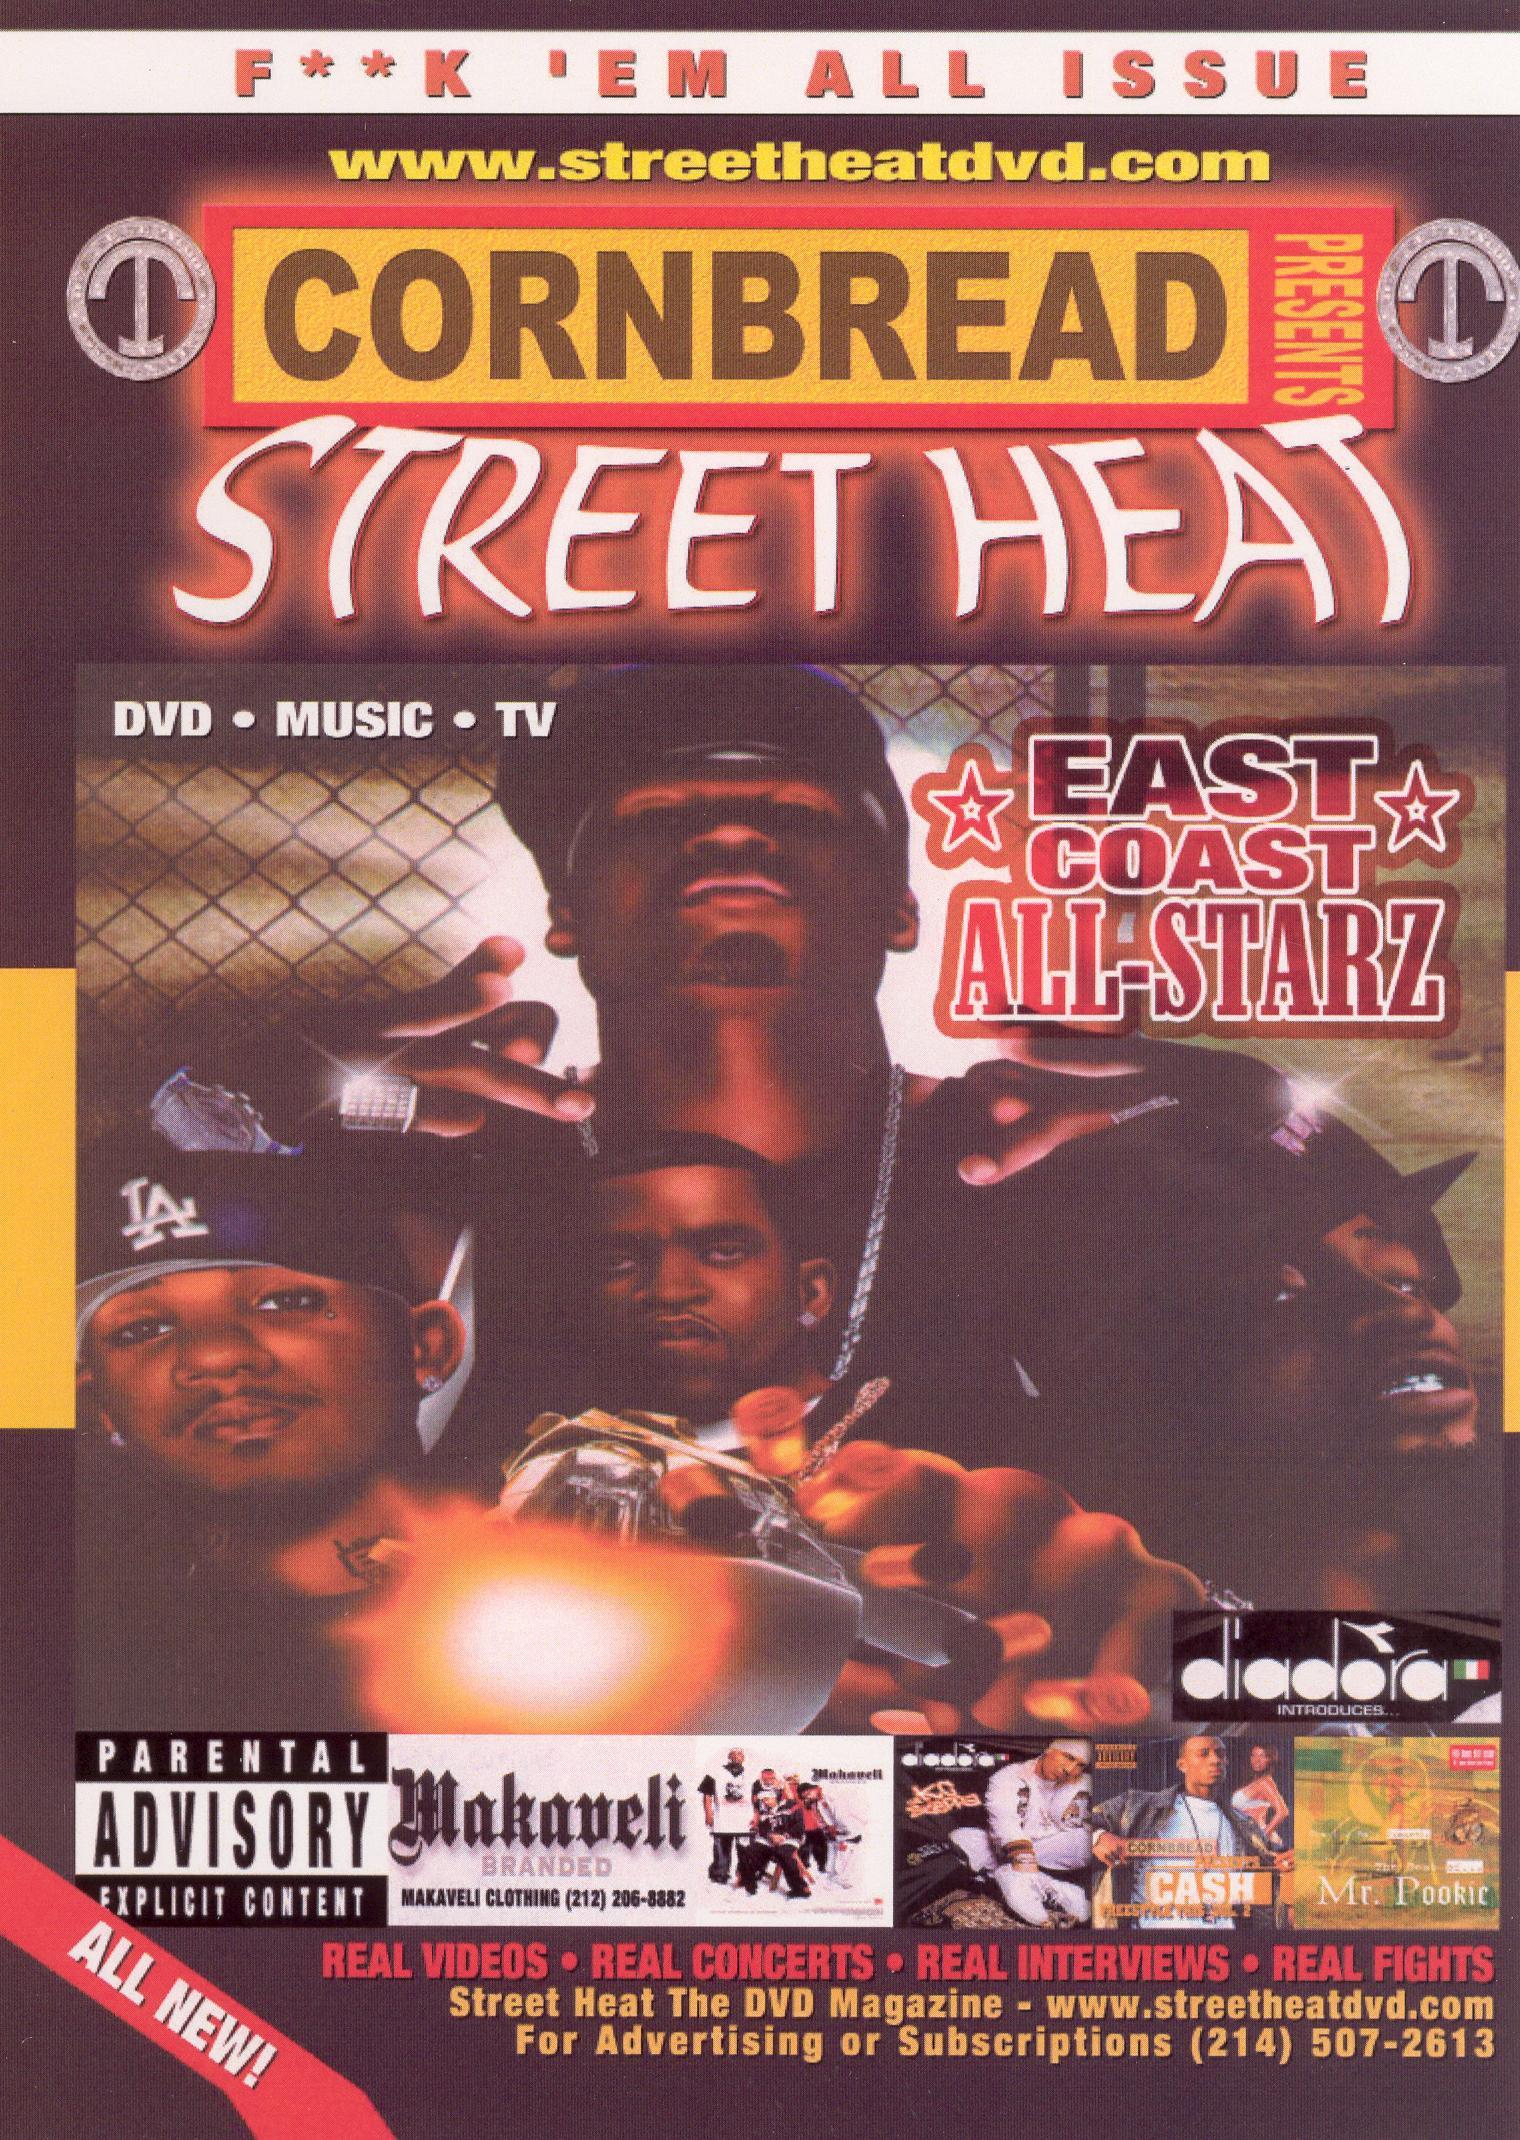 Cornbread Presents Street Heat, Vol. 12: East Coast All Starz